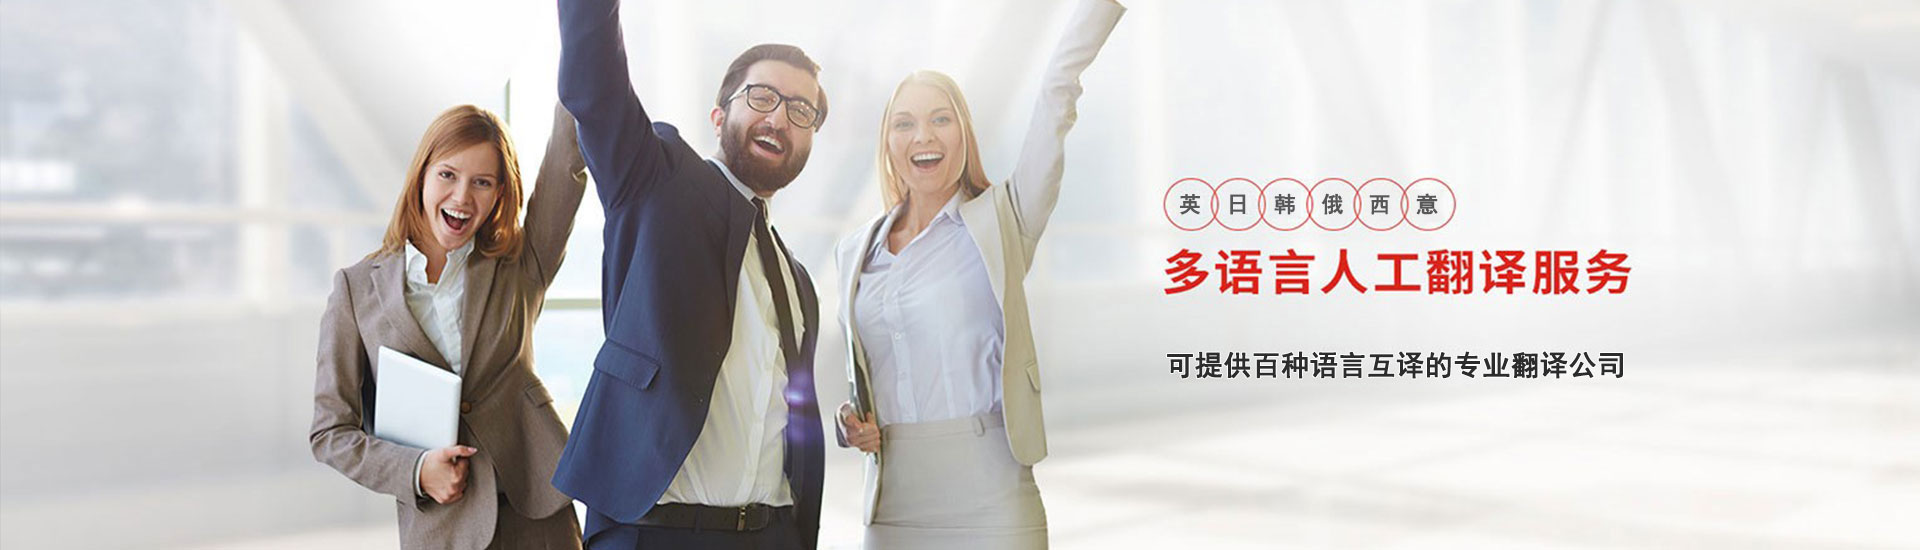 扬州常熟翻译公司价格